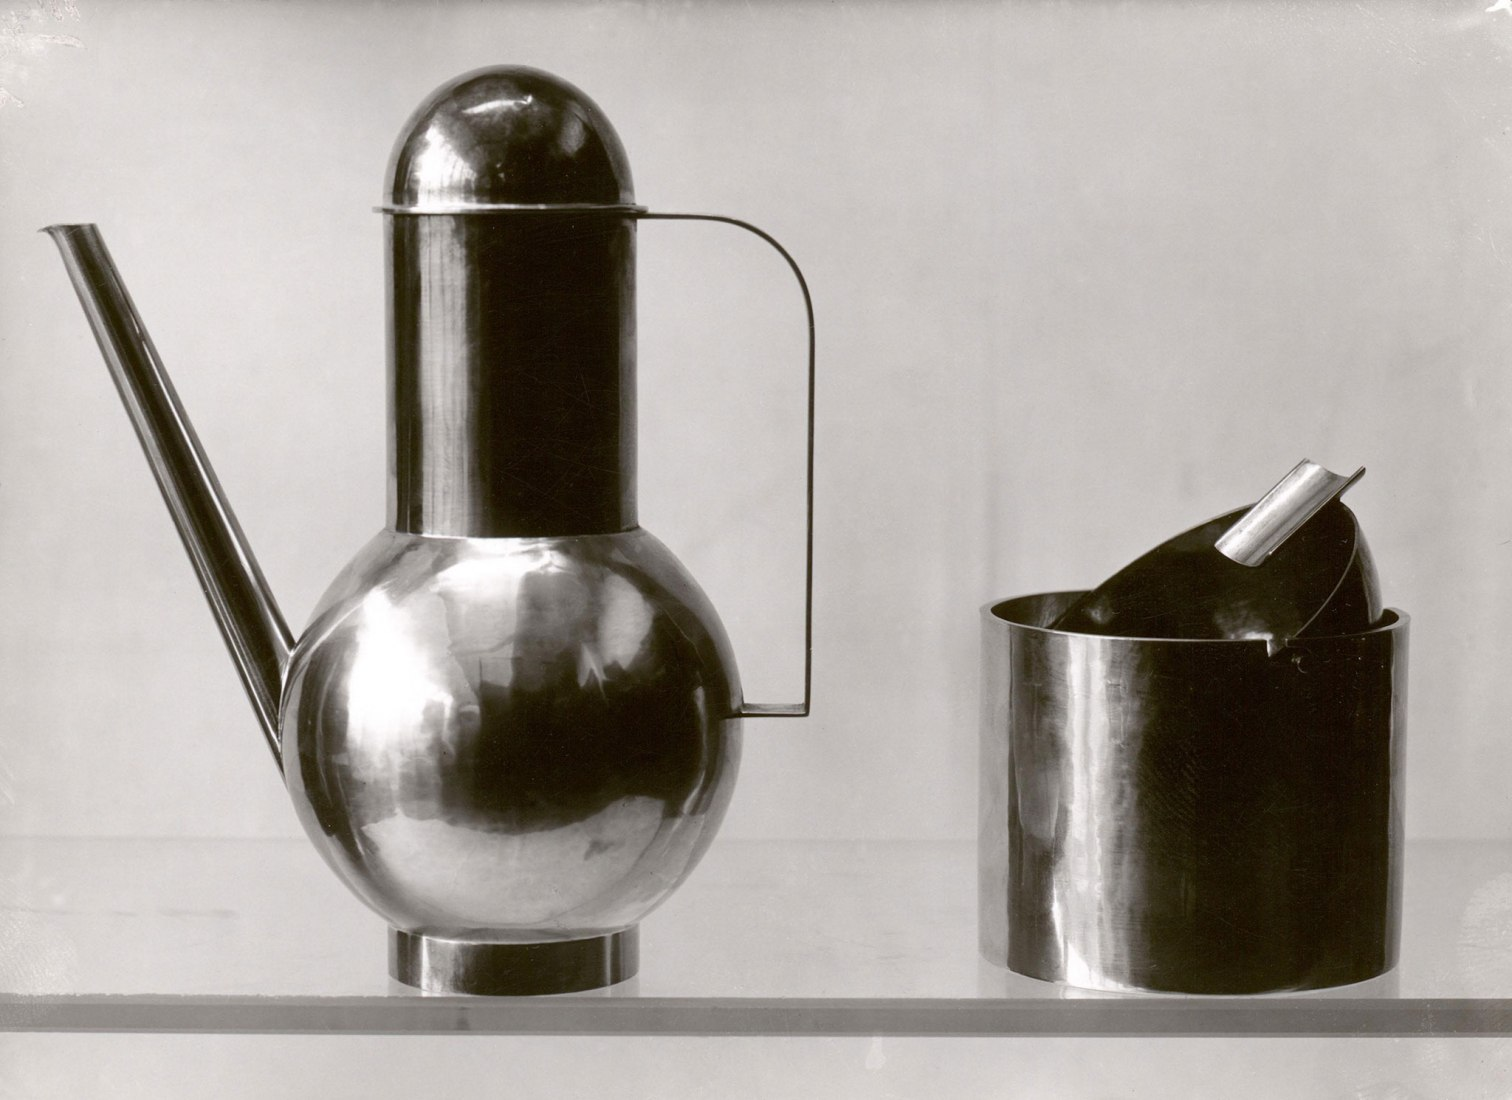 Lucía Schulz. Metal design by Marianne Brandt. 1924.